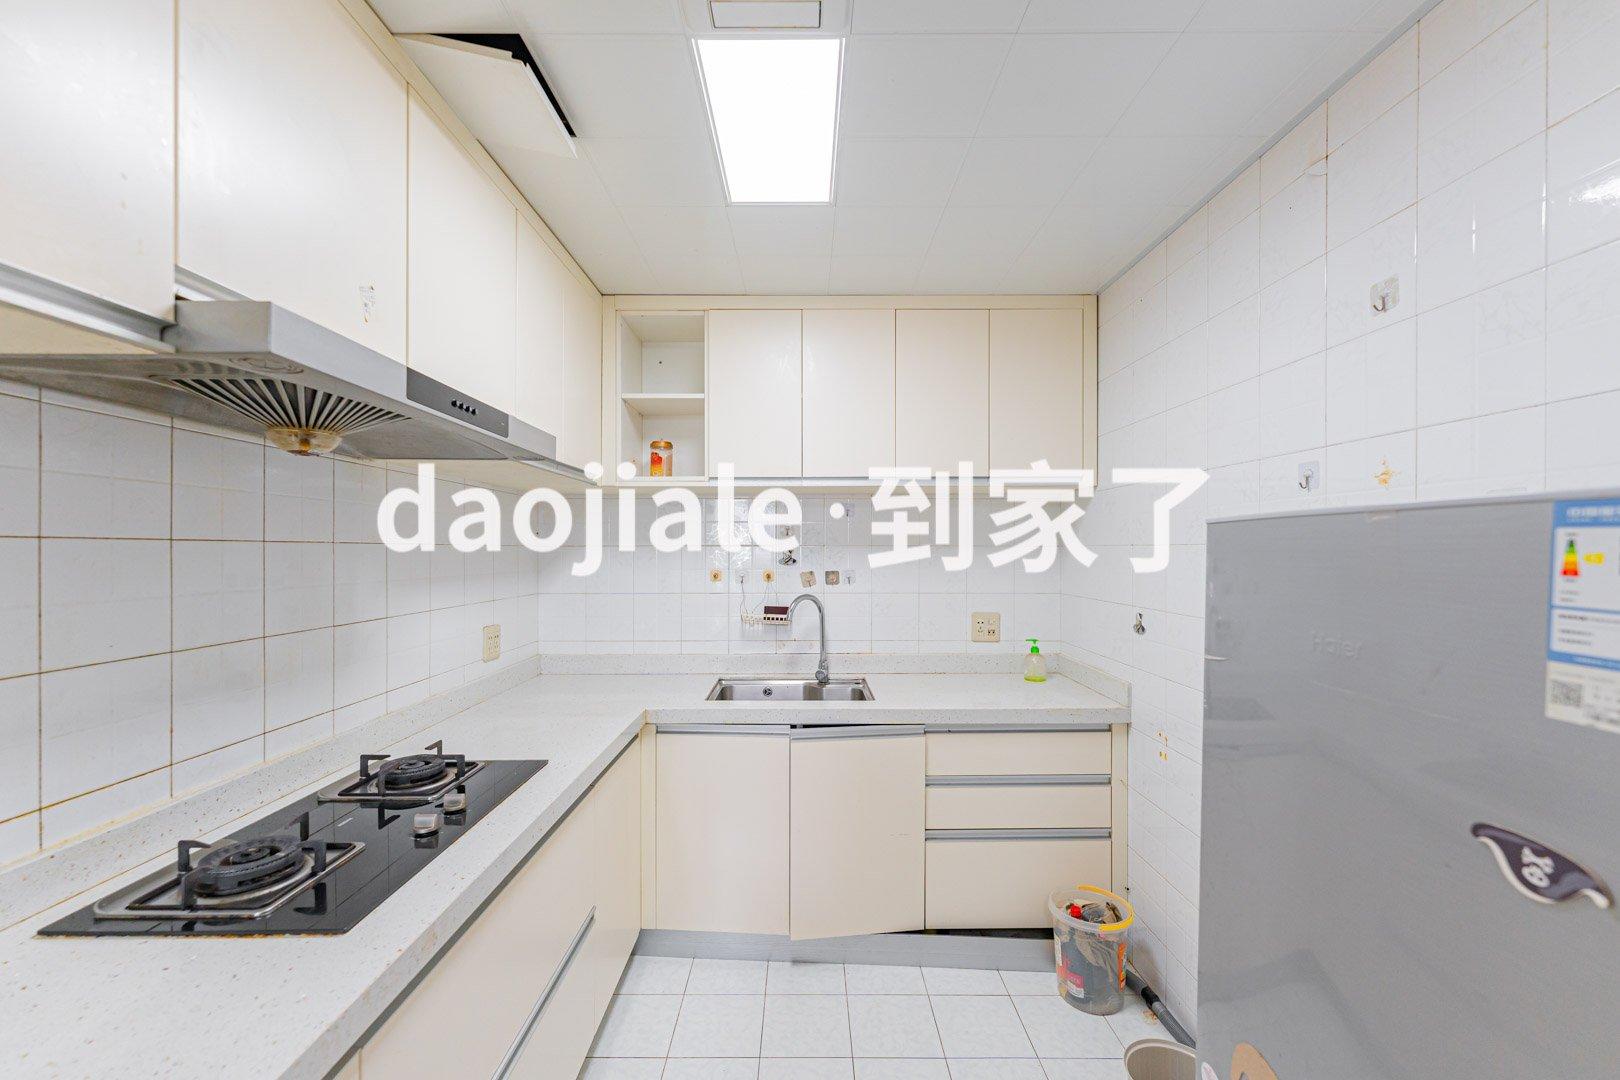 五四温泉 信茂温泉公寓三房498万二手房厨房及卫生间图